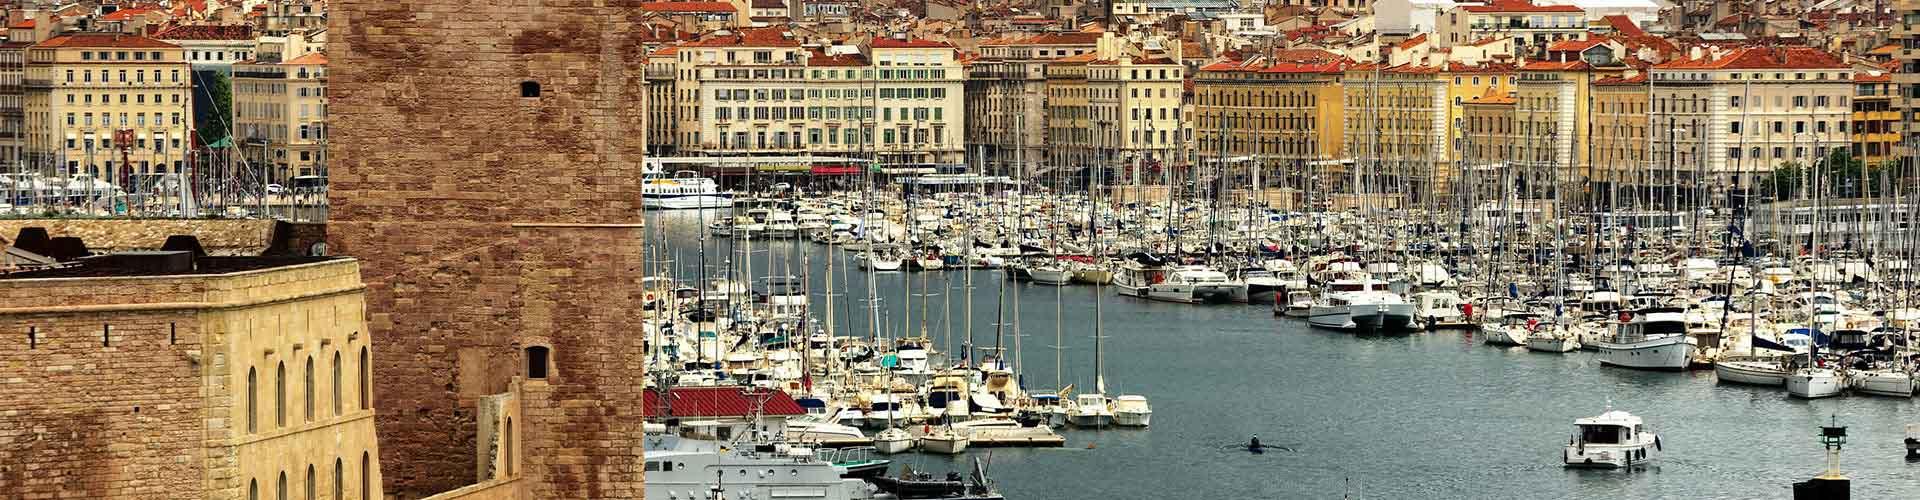 Marsella - Albergues en Marsella. Mapas de Marsella, Fotos y Comentarios para cada Albergue en Marsella.